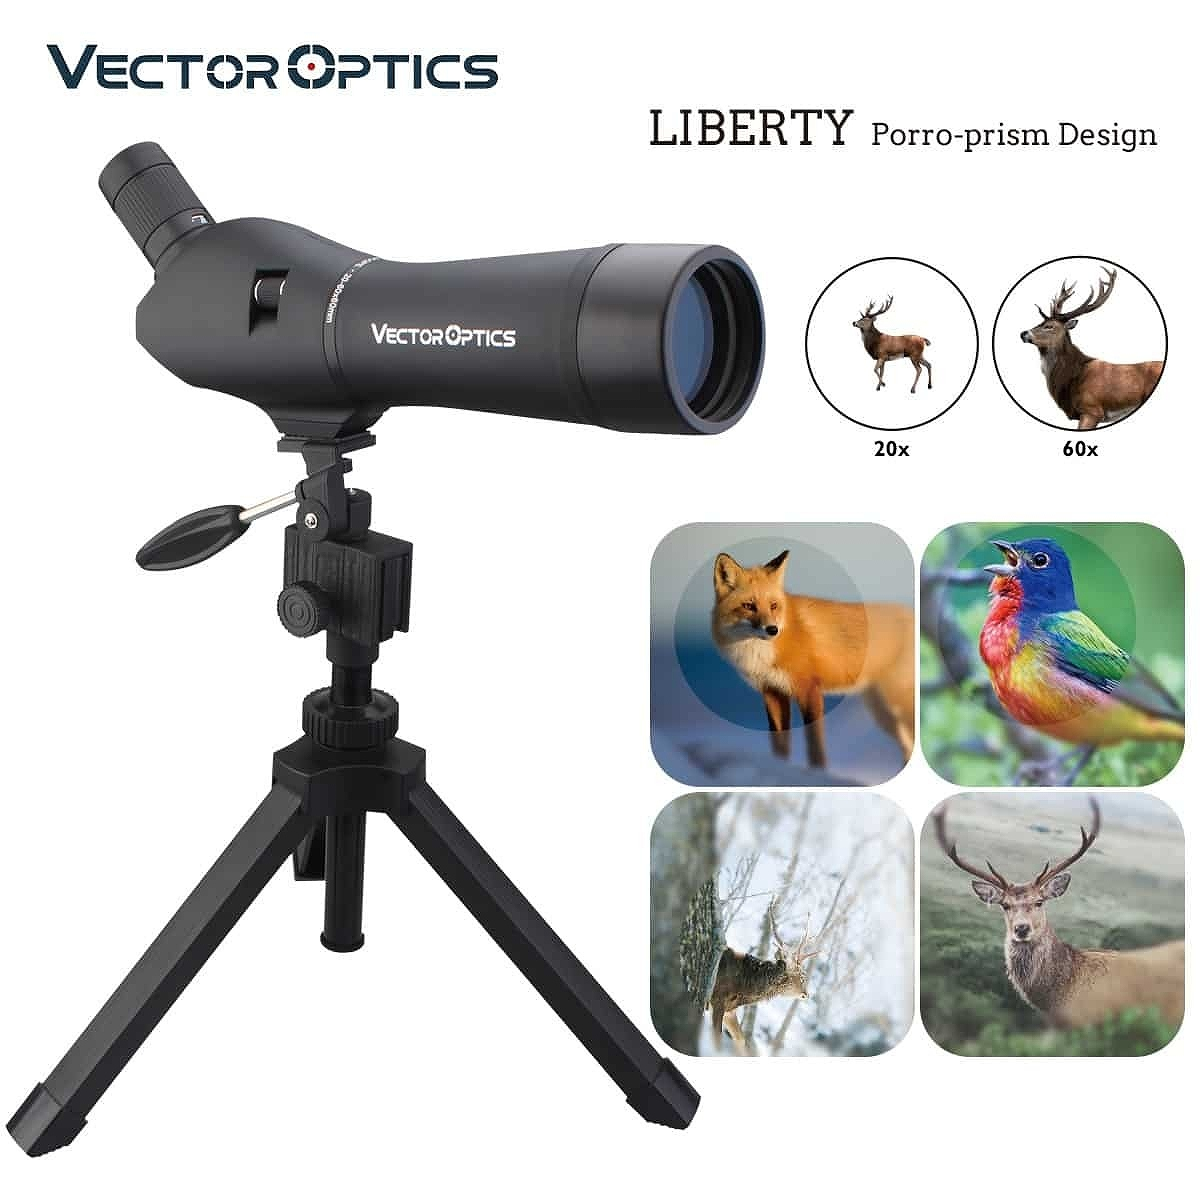 ベクターオプティクス フィールドスコープ Liberty 20-60x60  Vector Optics SCSS-01